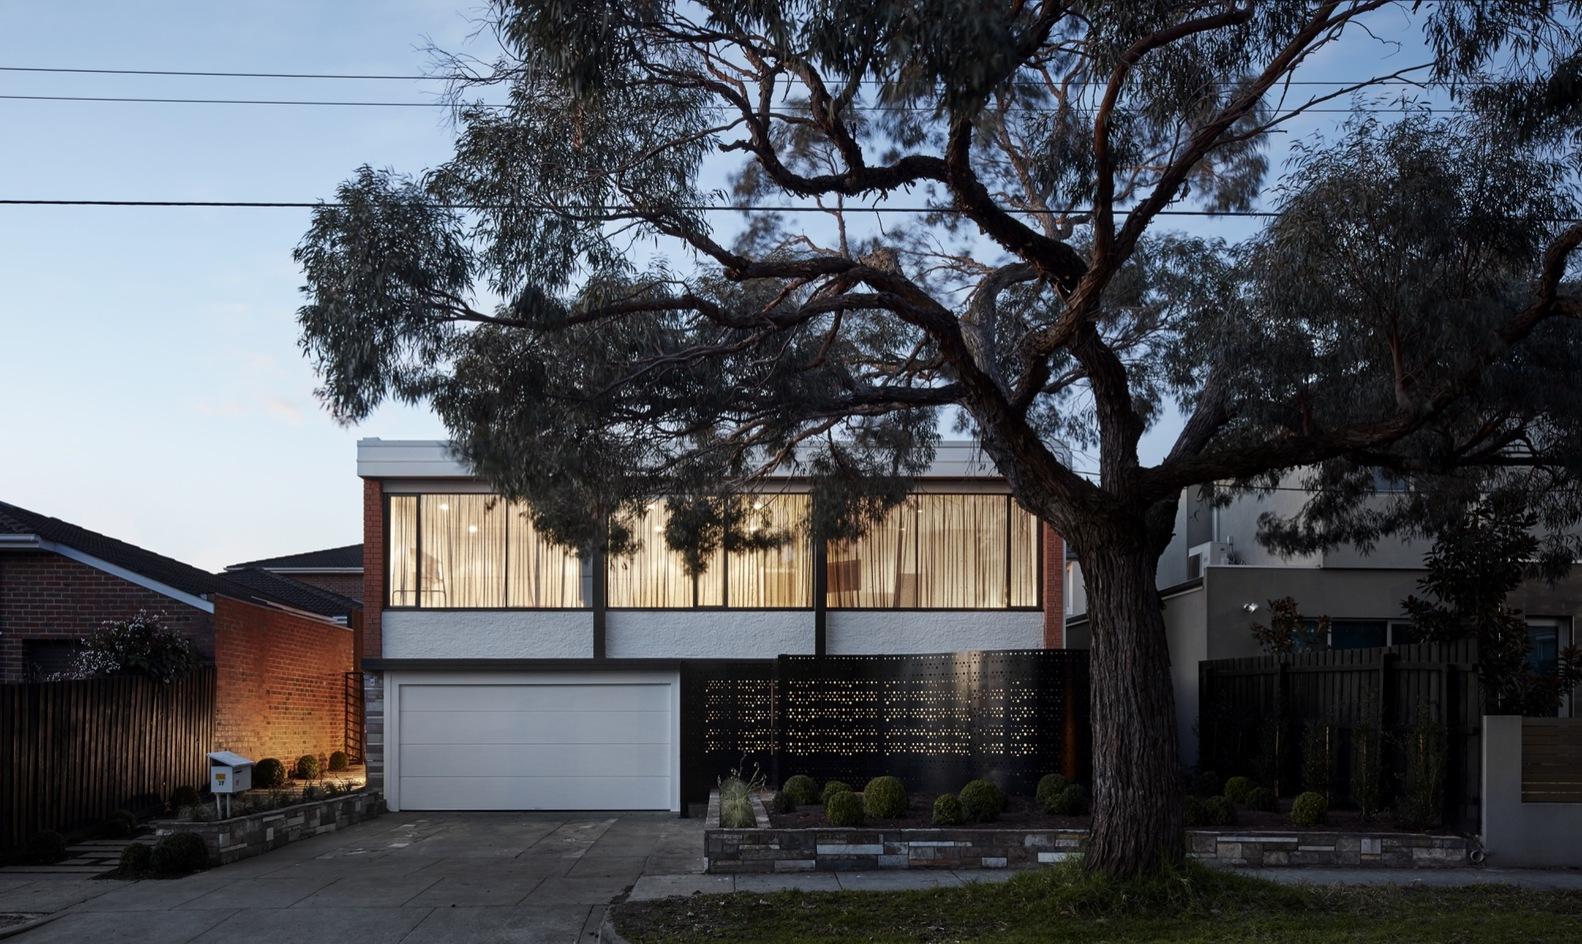 casa-australia-escritor-casas-dos-sonhos-inspiracao-um-cafe-pra-dois-04